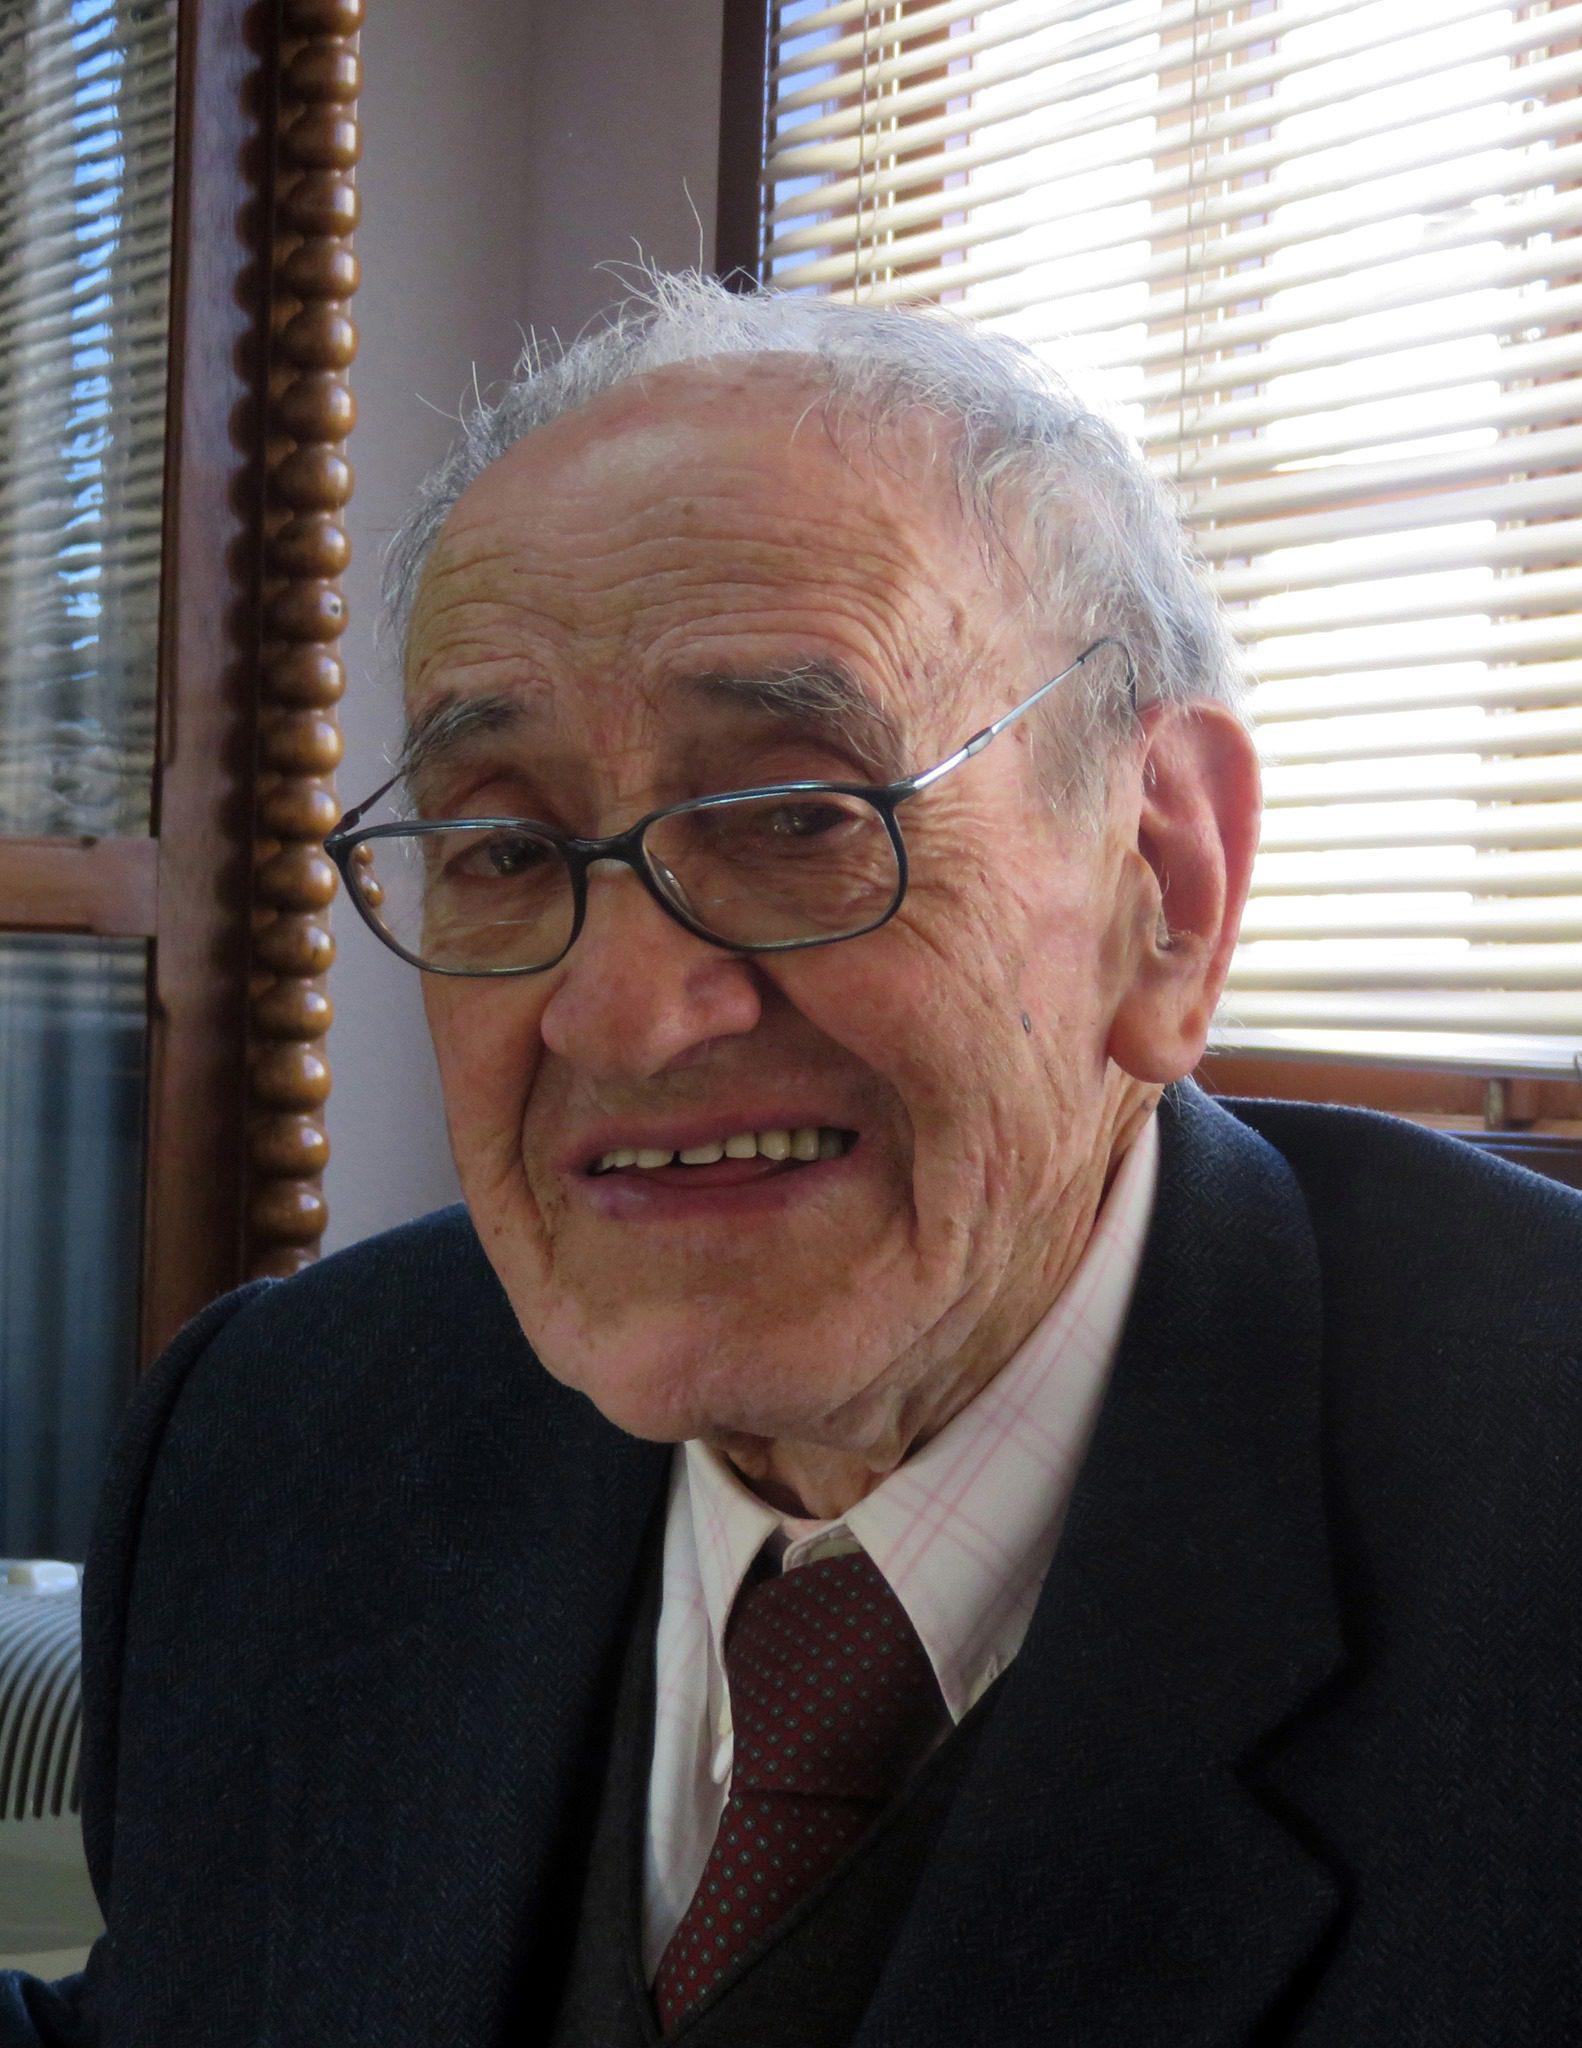 Morreu o Dr. Barros